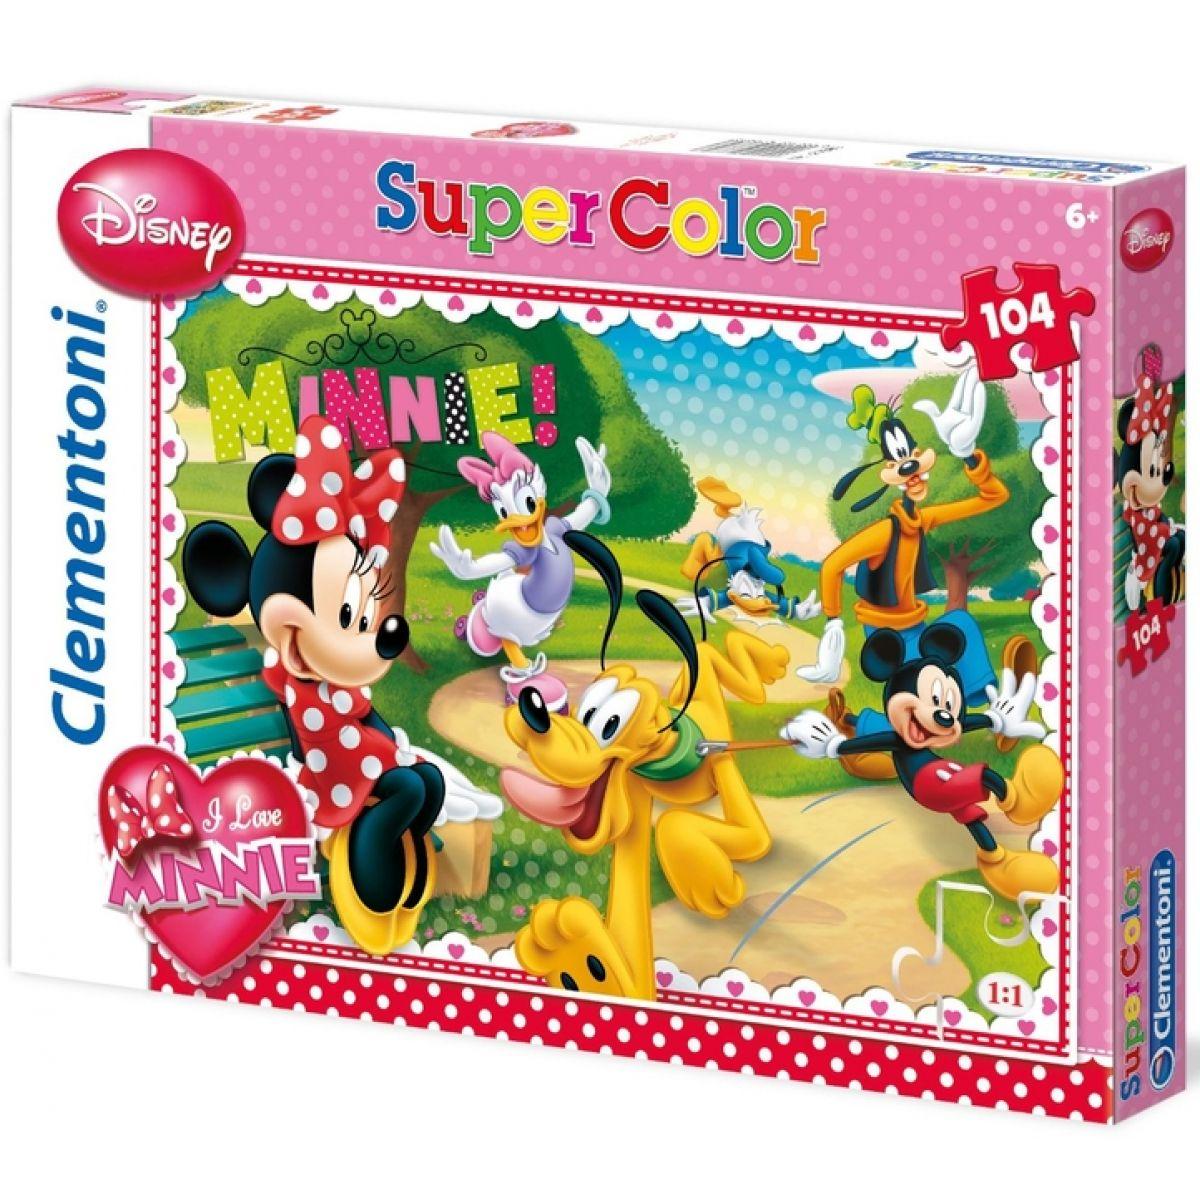 Clementoni Puzzle Supercolor Minnie 104d